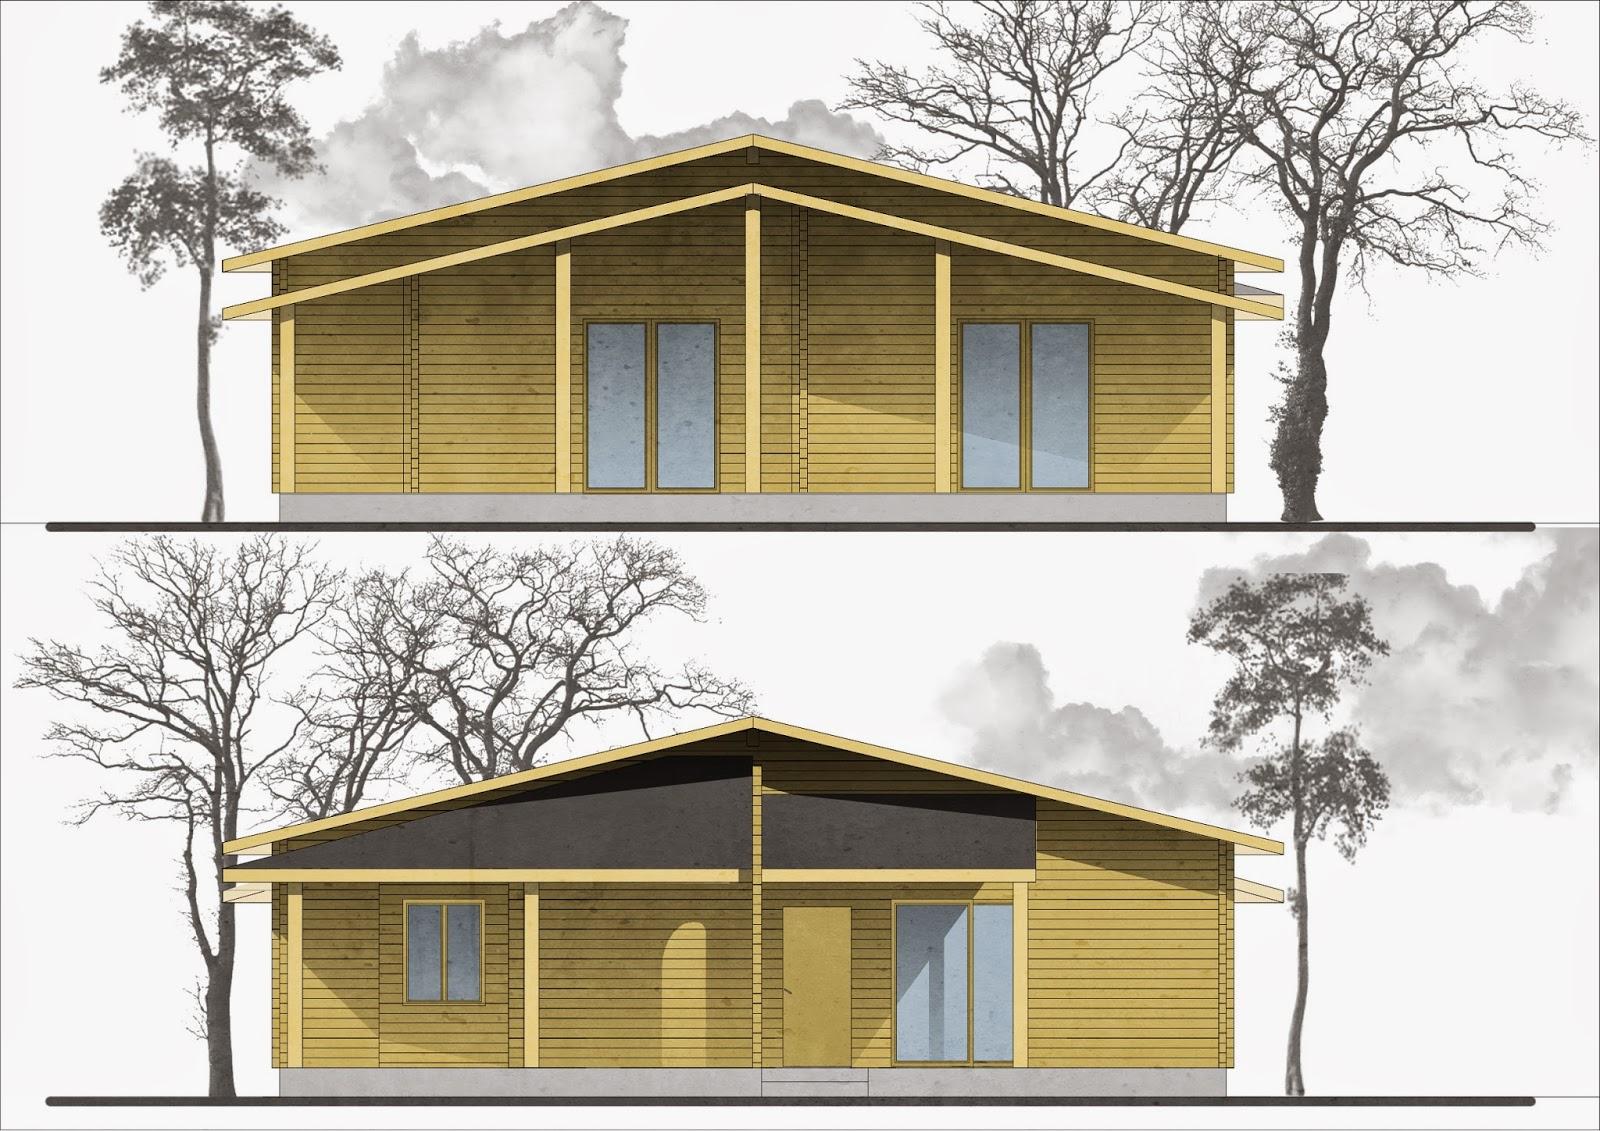 Progetti di case in legno casa 178 mq porticati 75 mq for Progetto casa in legno dwg